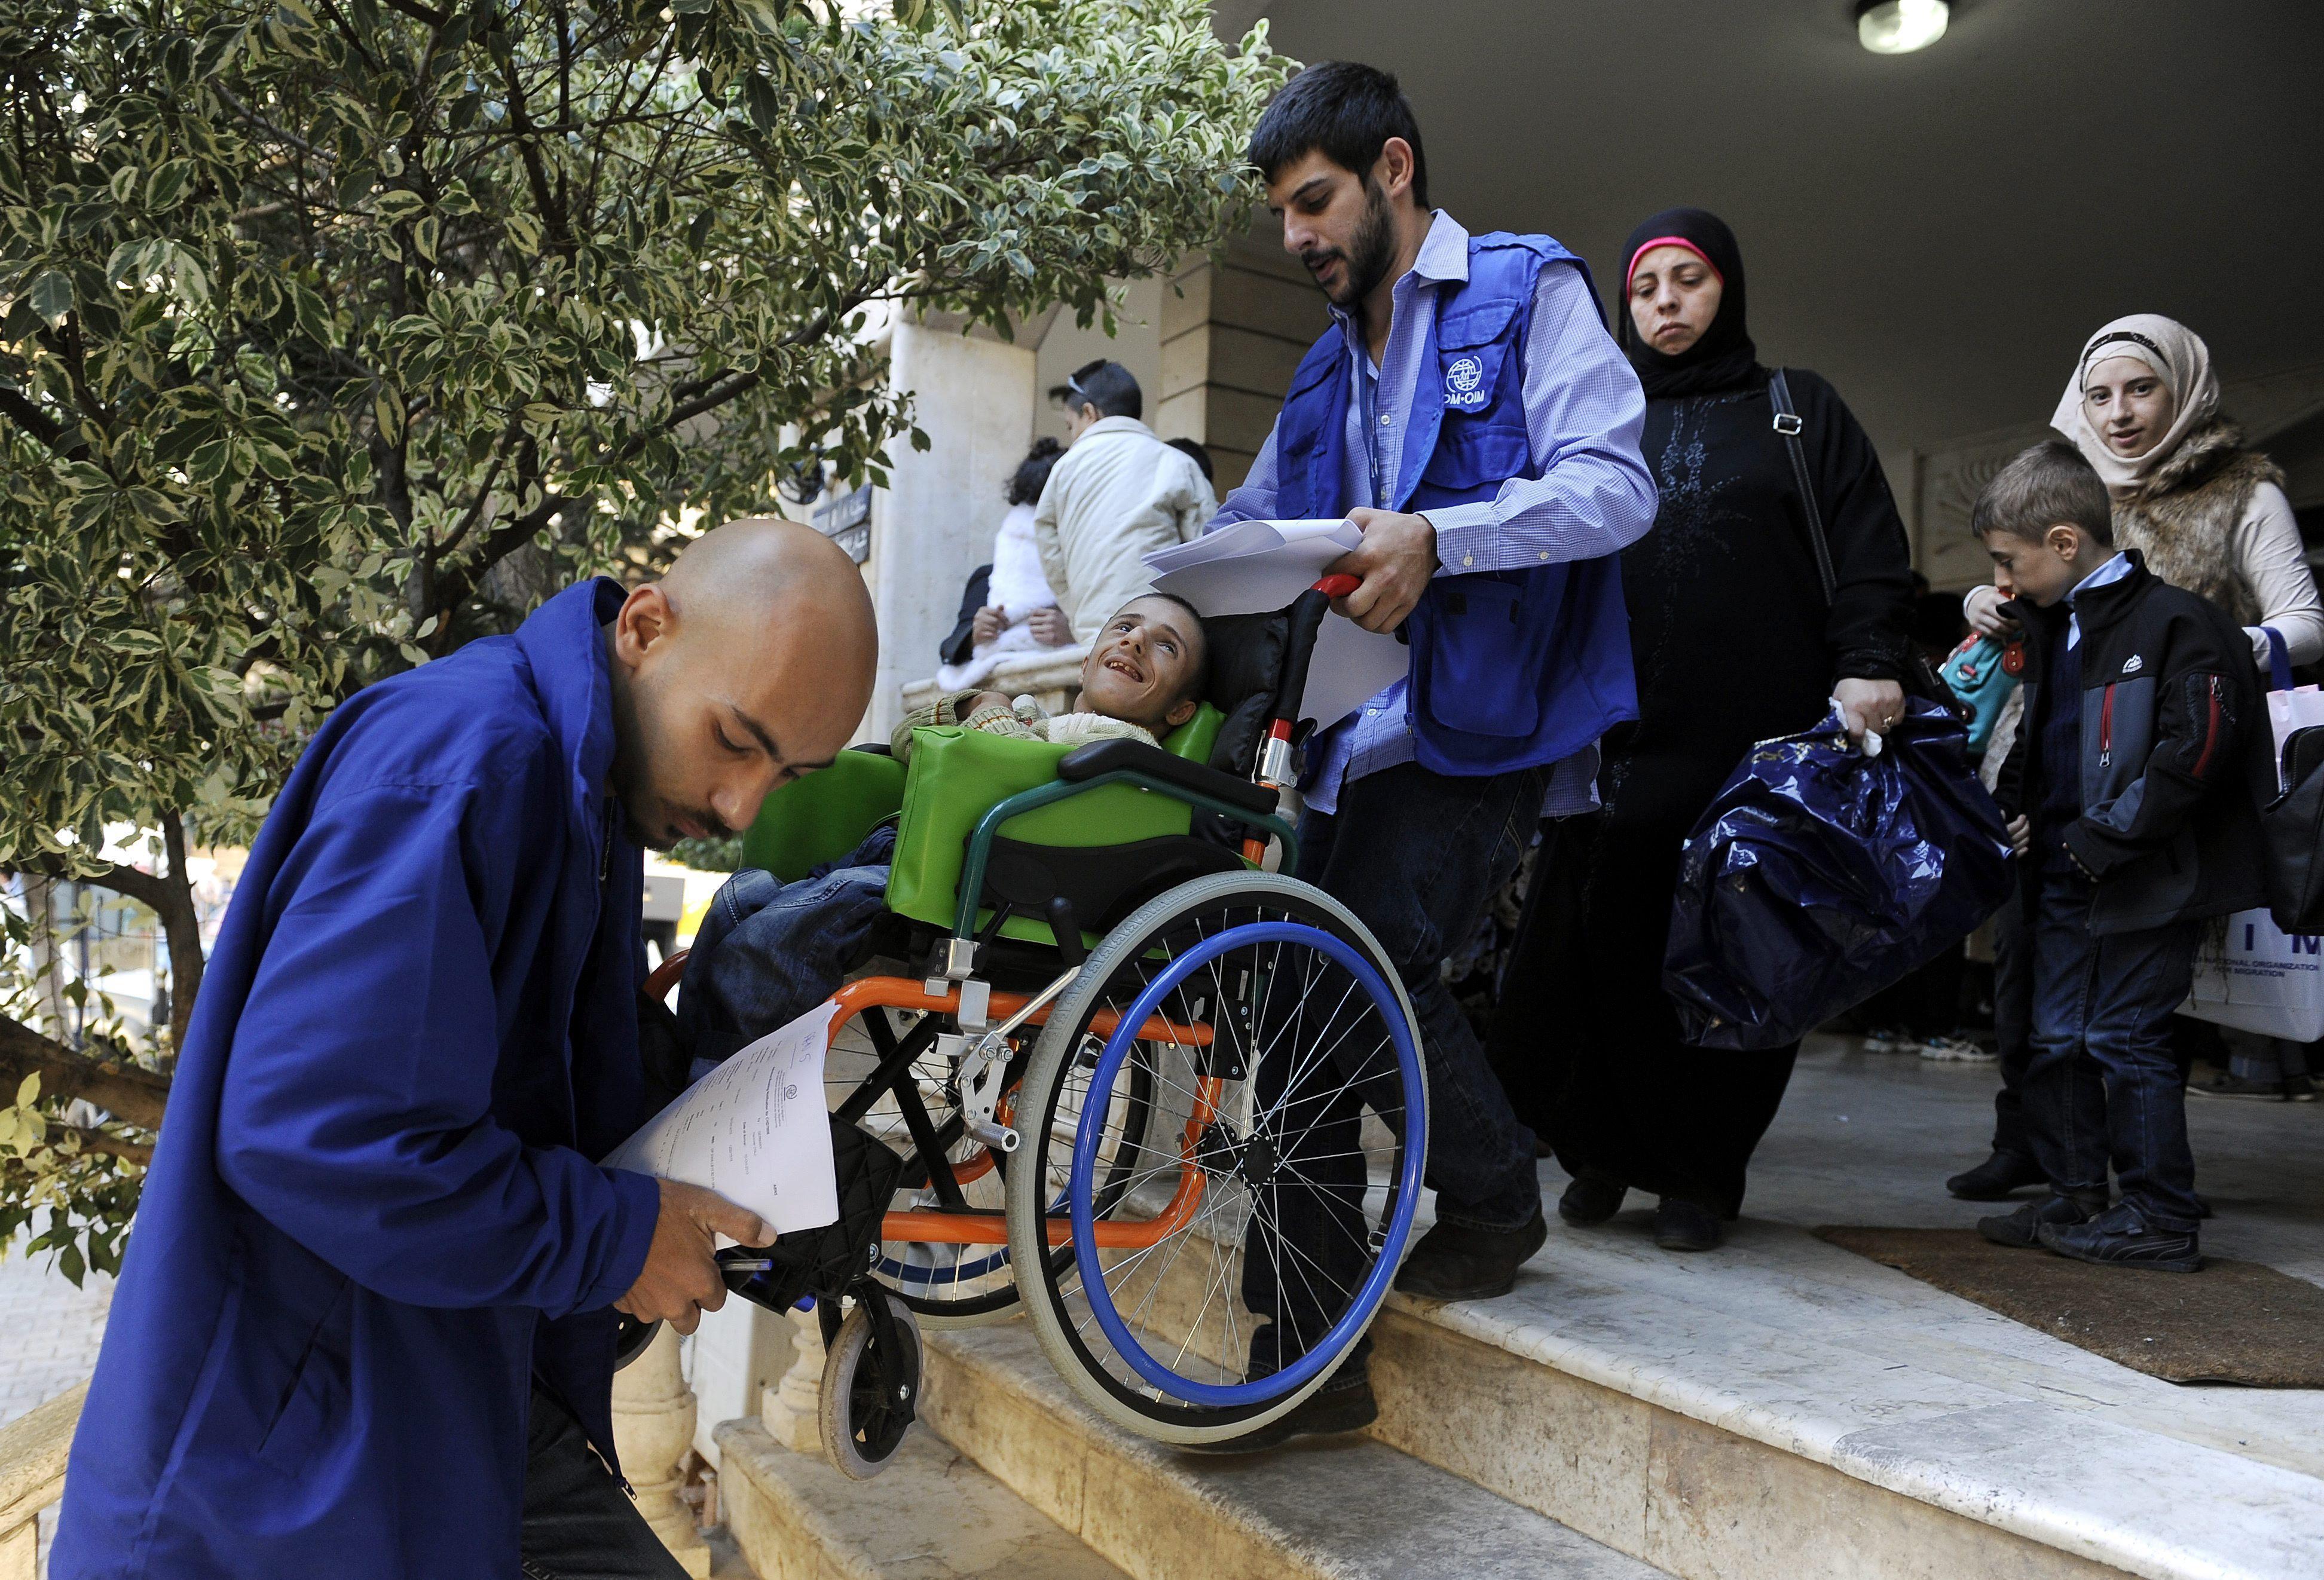 La UE destinará 70 millones para ayudar a los refugiados sirios en el Líbano